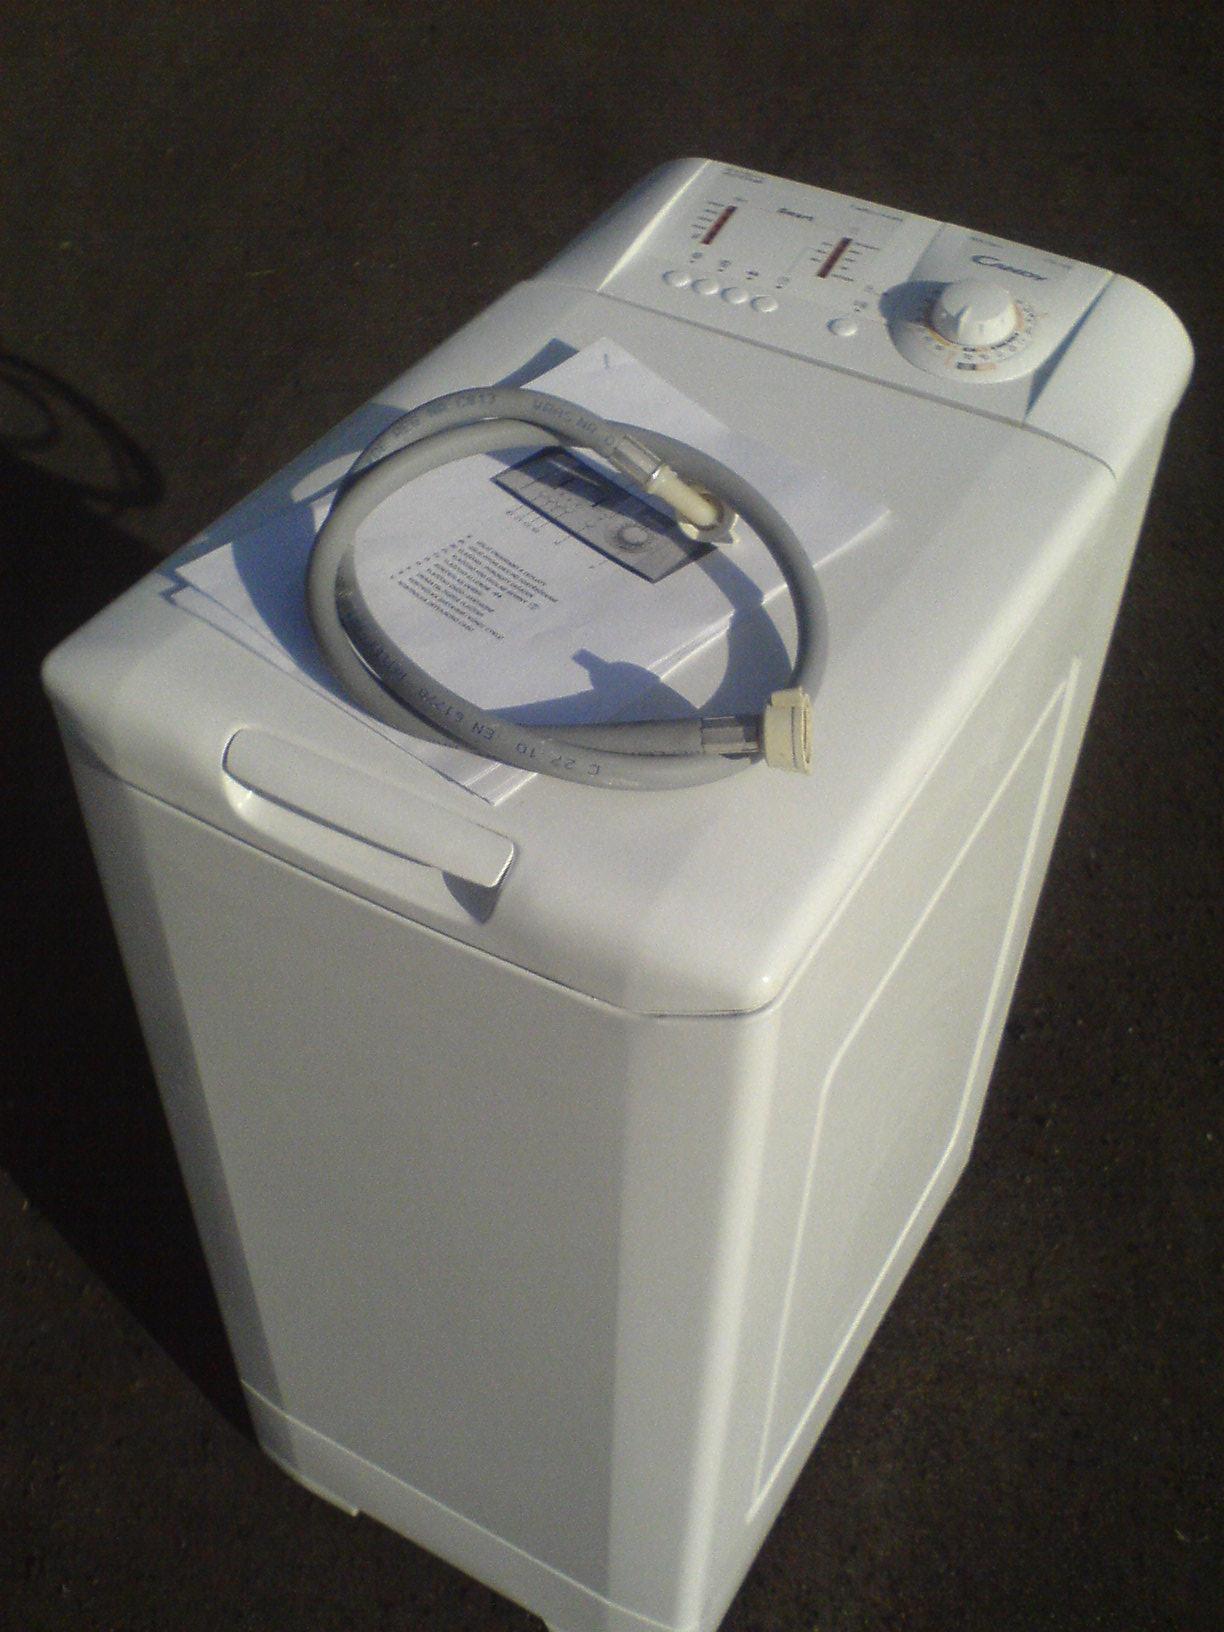 Pračka ardo poruchy